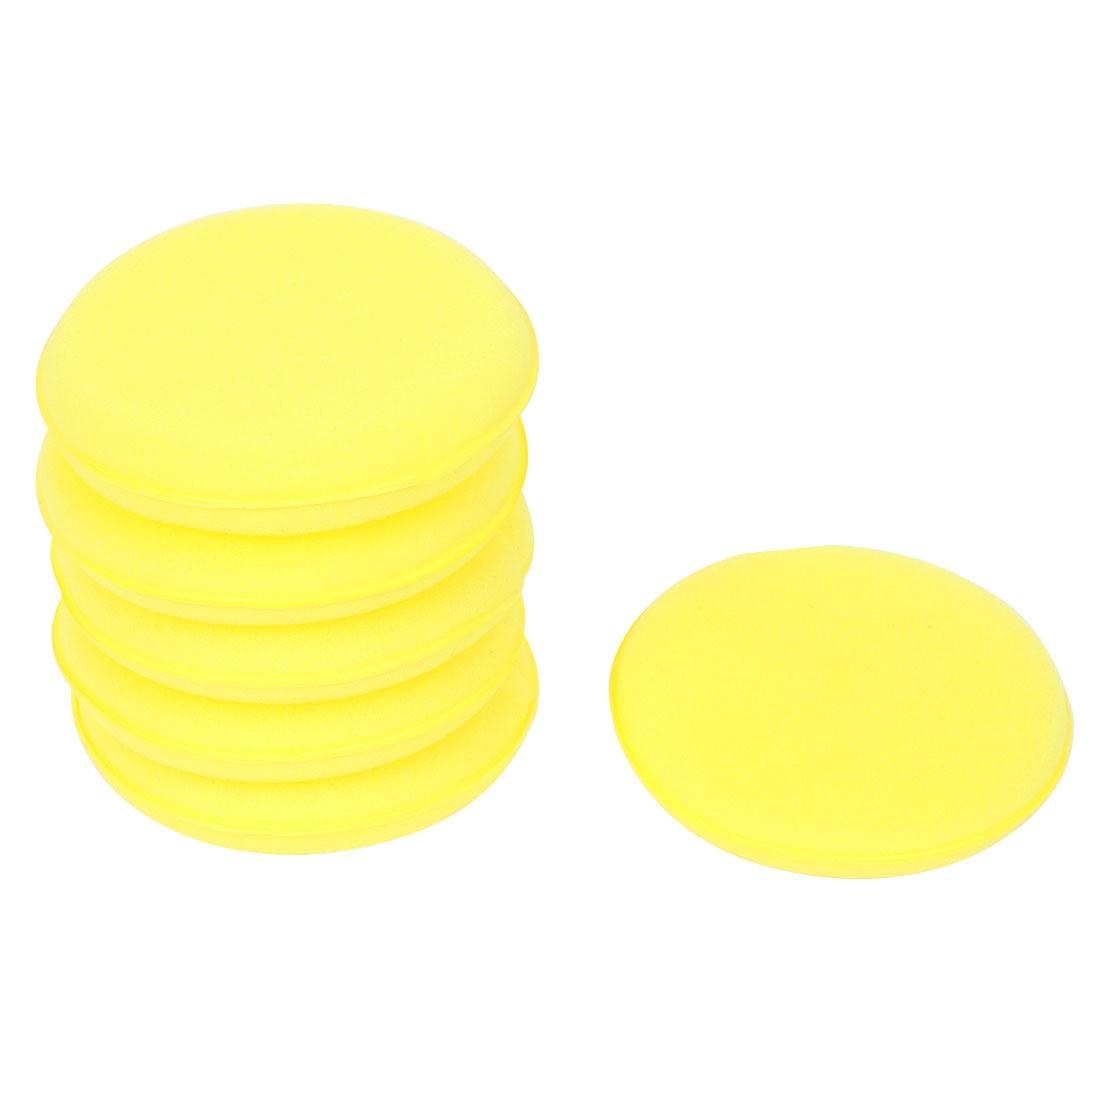 6pcs Yellow Round Shape Car Waxing Polishing Sponge Detailing Applicator Pads